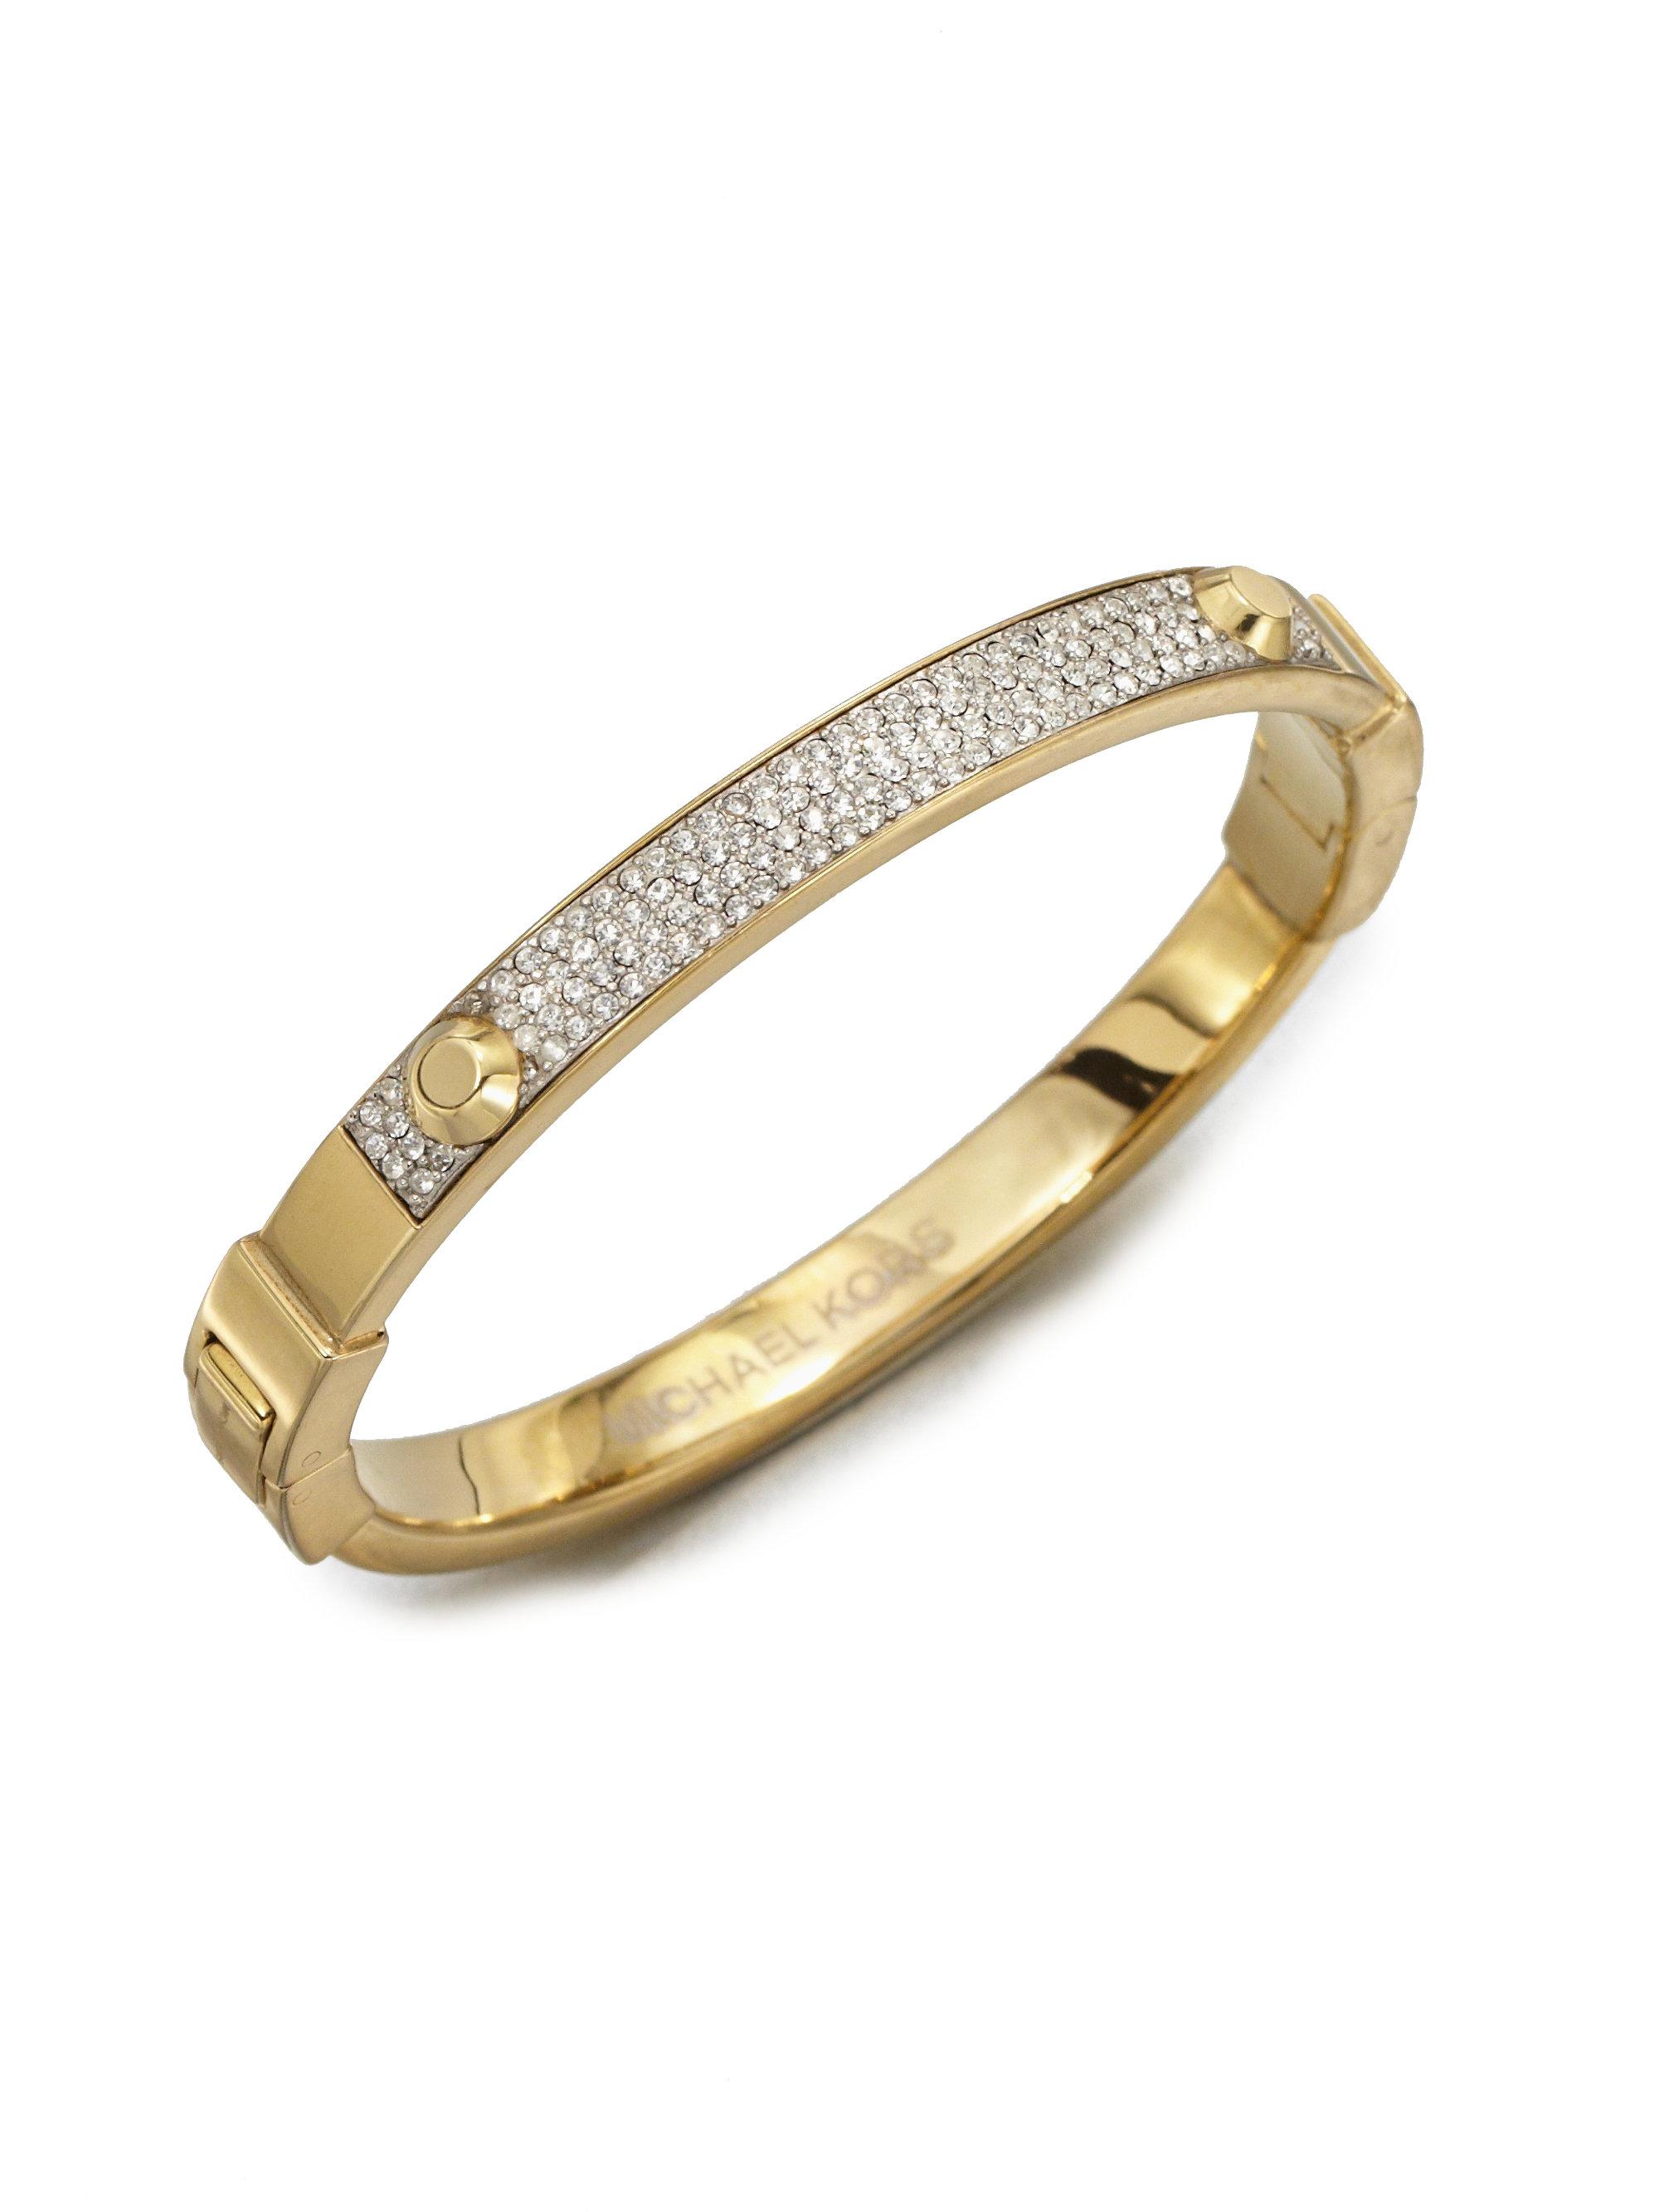 michael kors studded pav bangle bracelet goldtone in gold. Black Bedroom Furniture Sets. Home Design Ideas